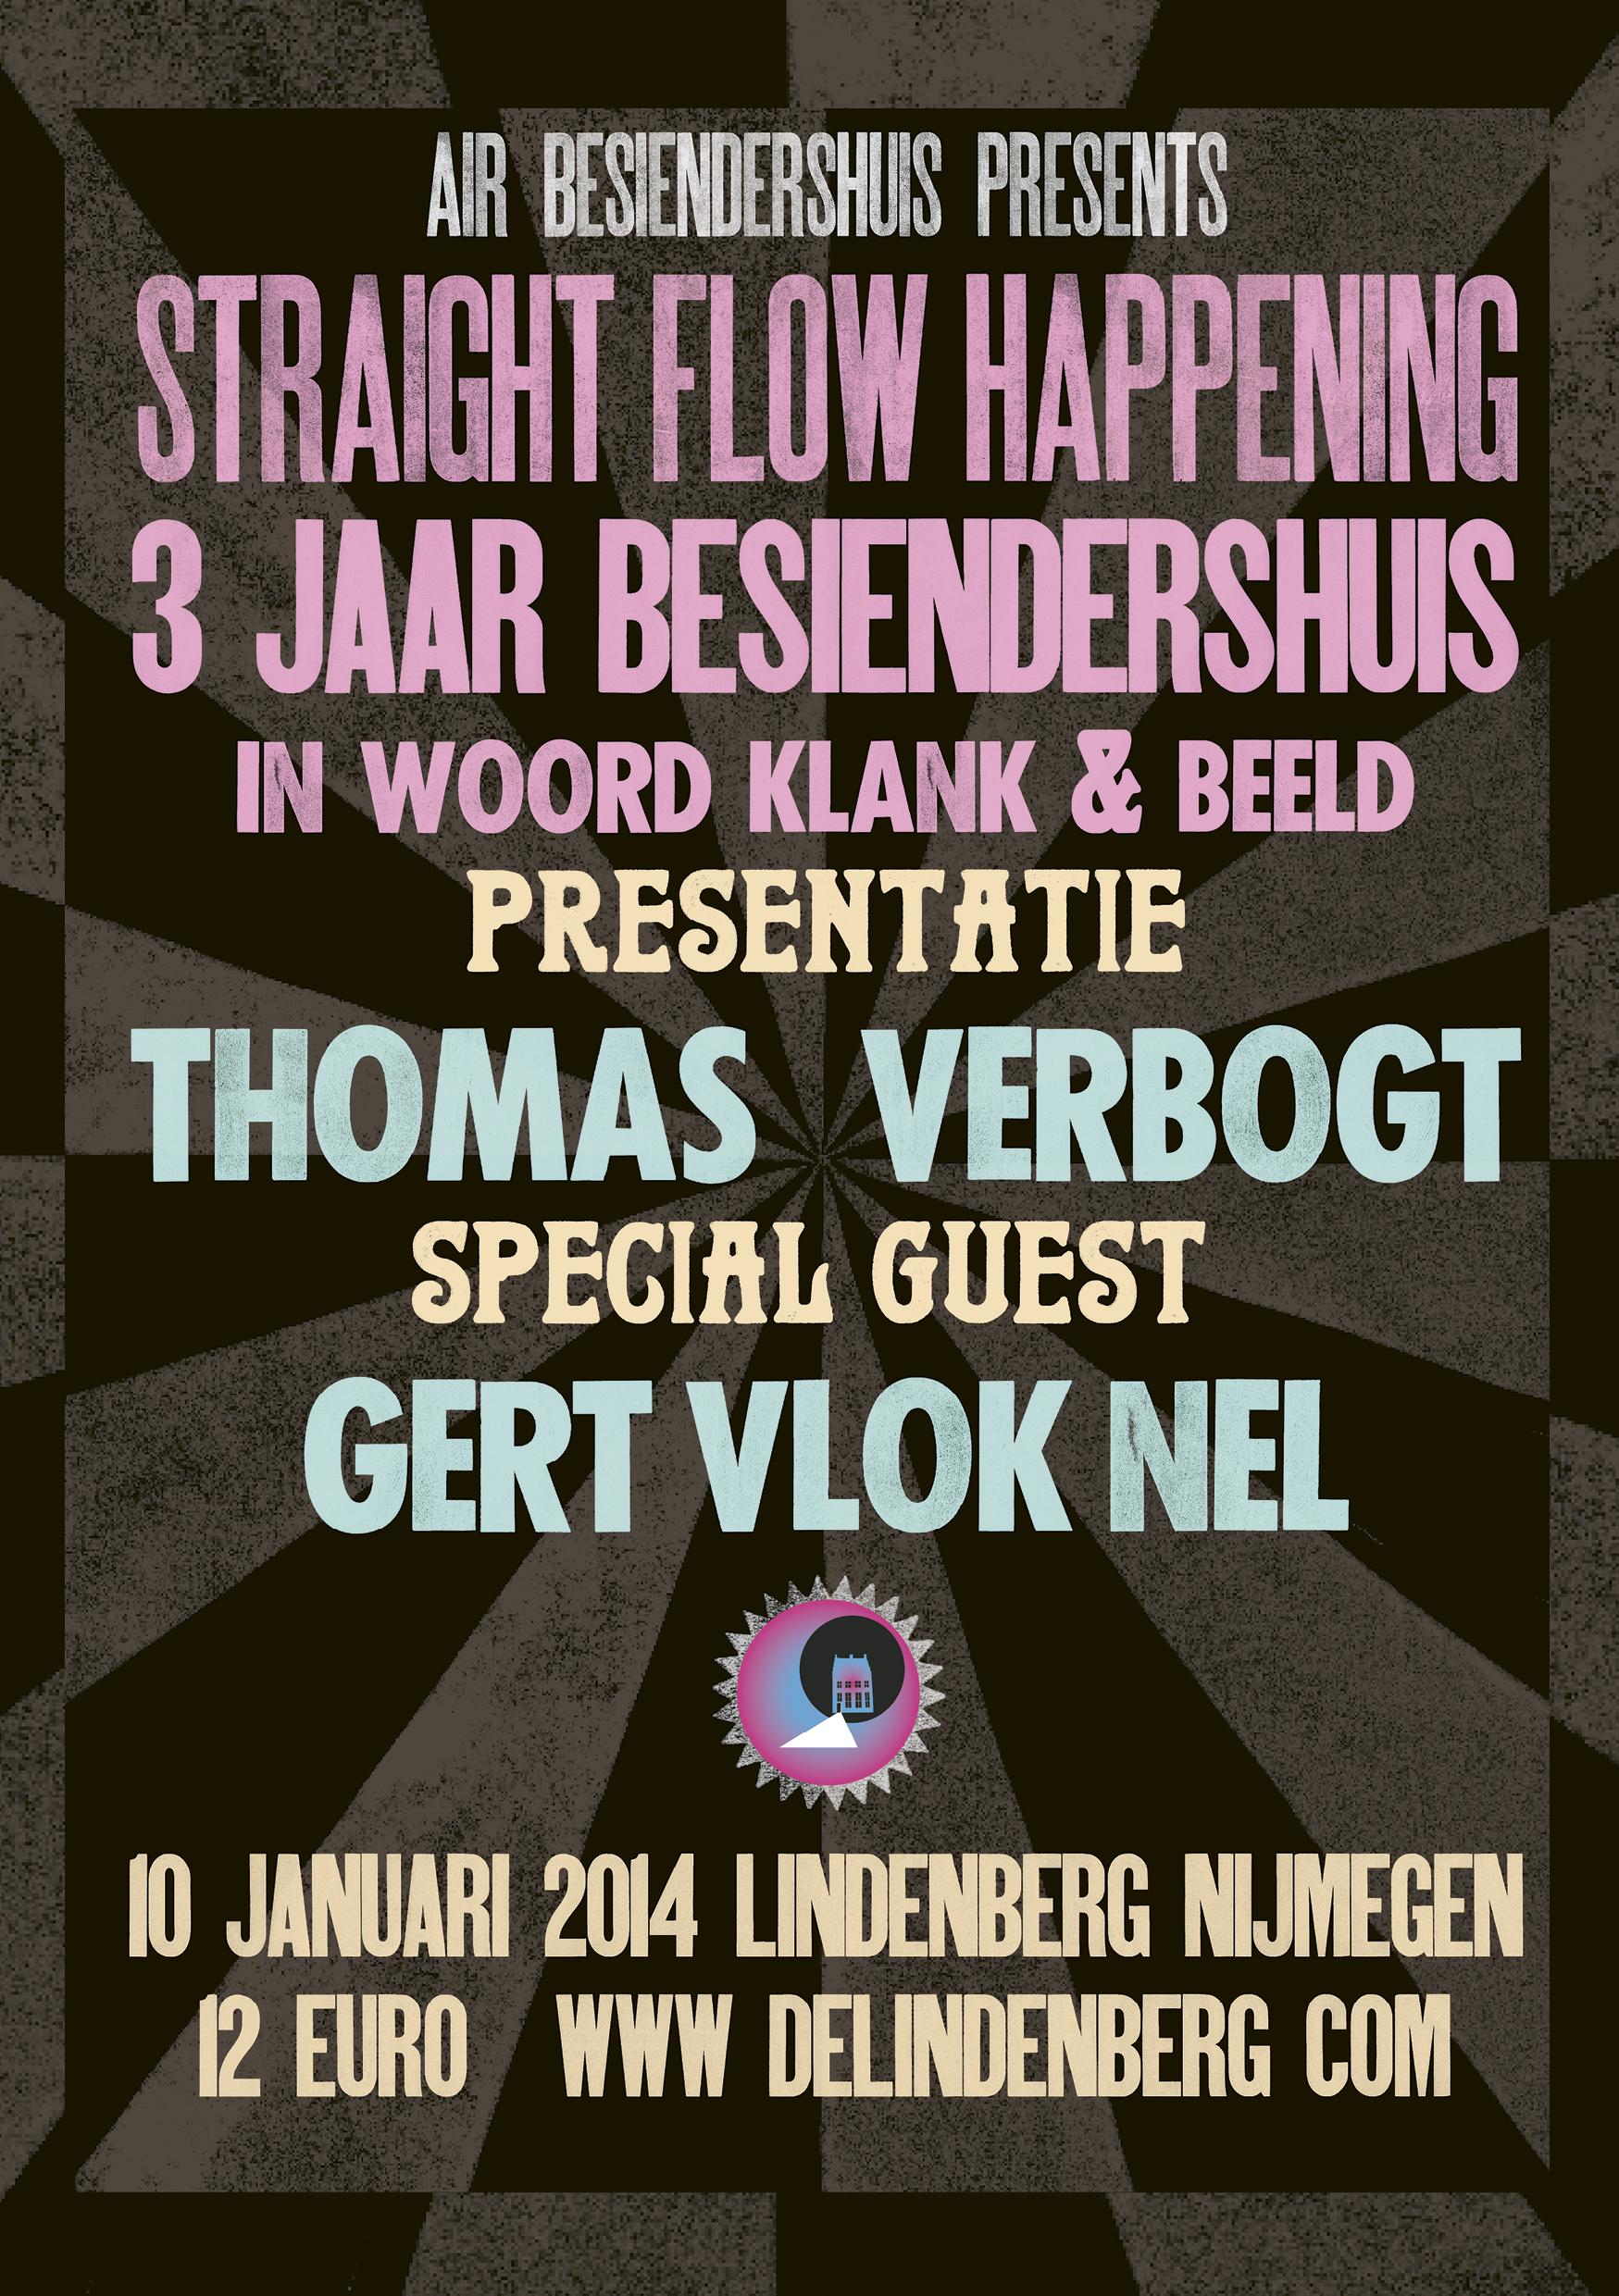 Straight Flow Happening   Feest/happening in de Lindenberg met het beste uit 3 jaar Besiendershuis. Gepresenteerd door Thomas Verbogt.